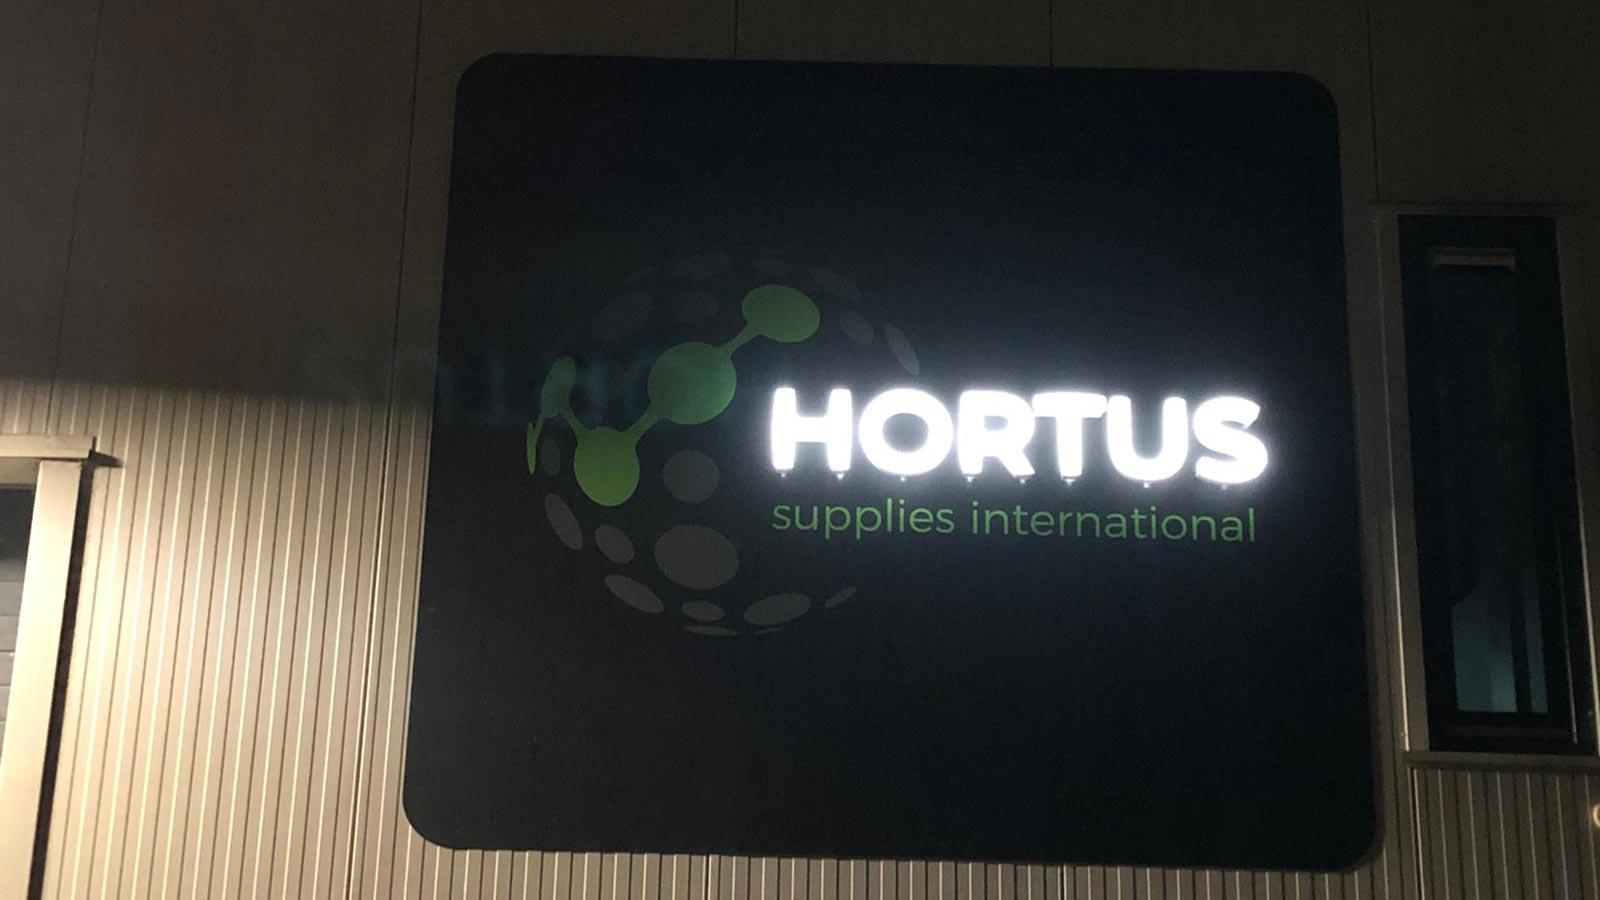 Van Riemsdijk Reklame - Lichtreclame - HORTUS 2